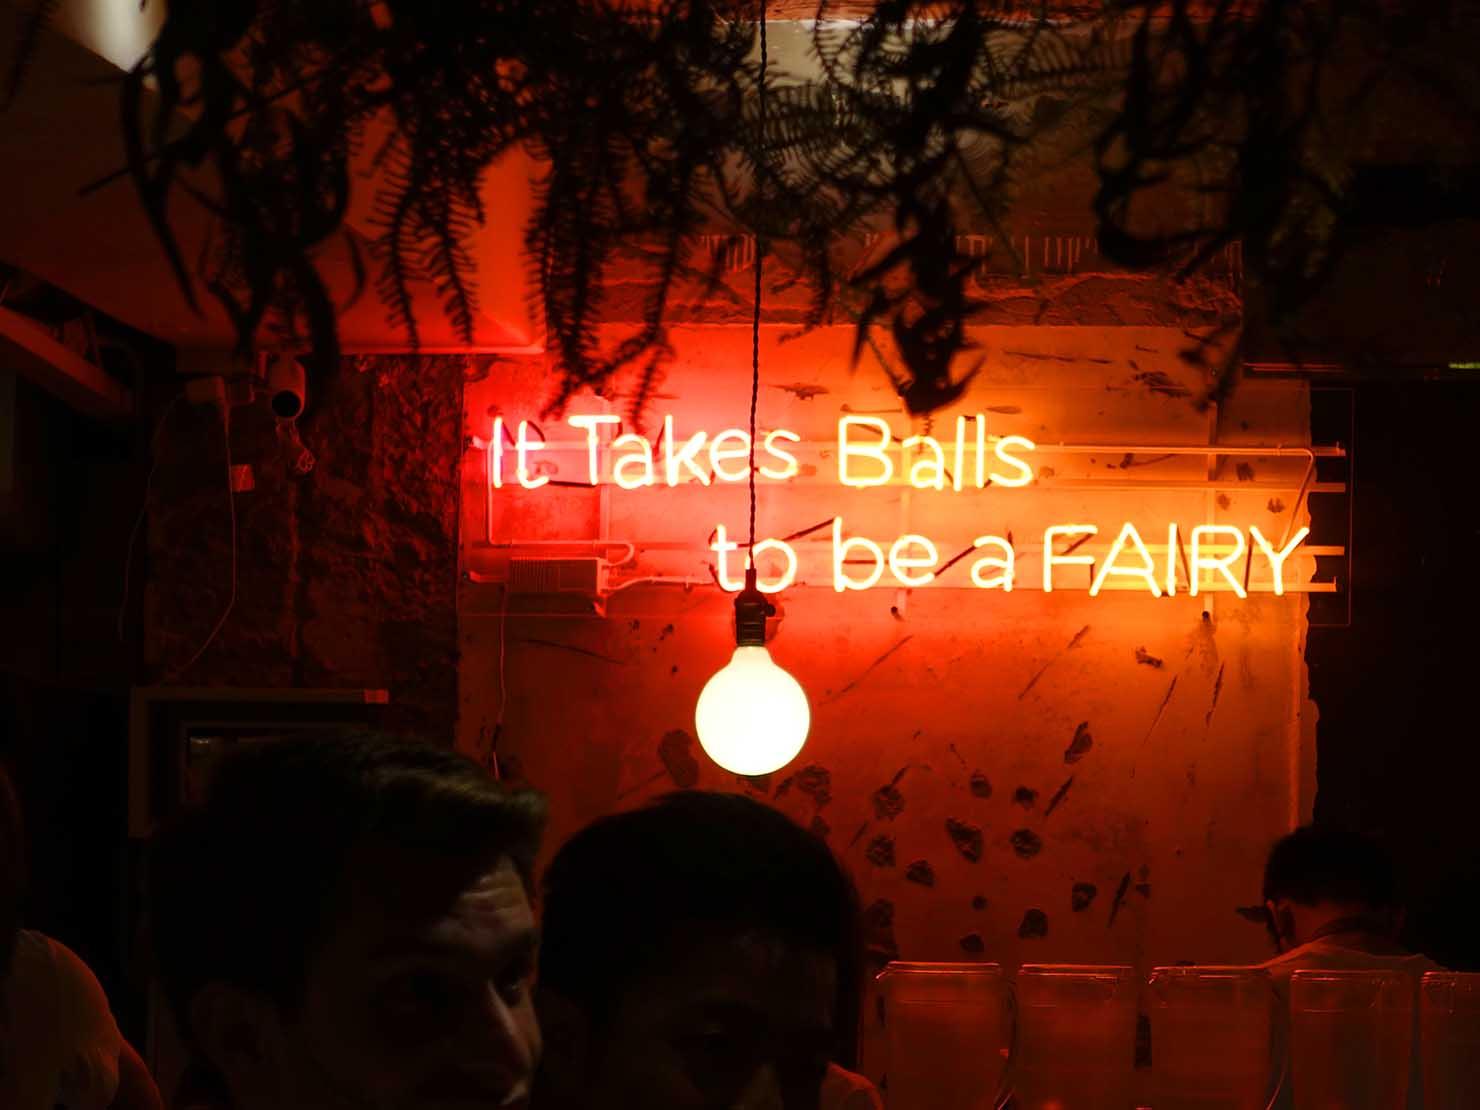 台北・國父紀念館近くのLGBTフレンドリーなビストロ「Fairy Taipei」店内のネオン